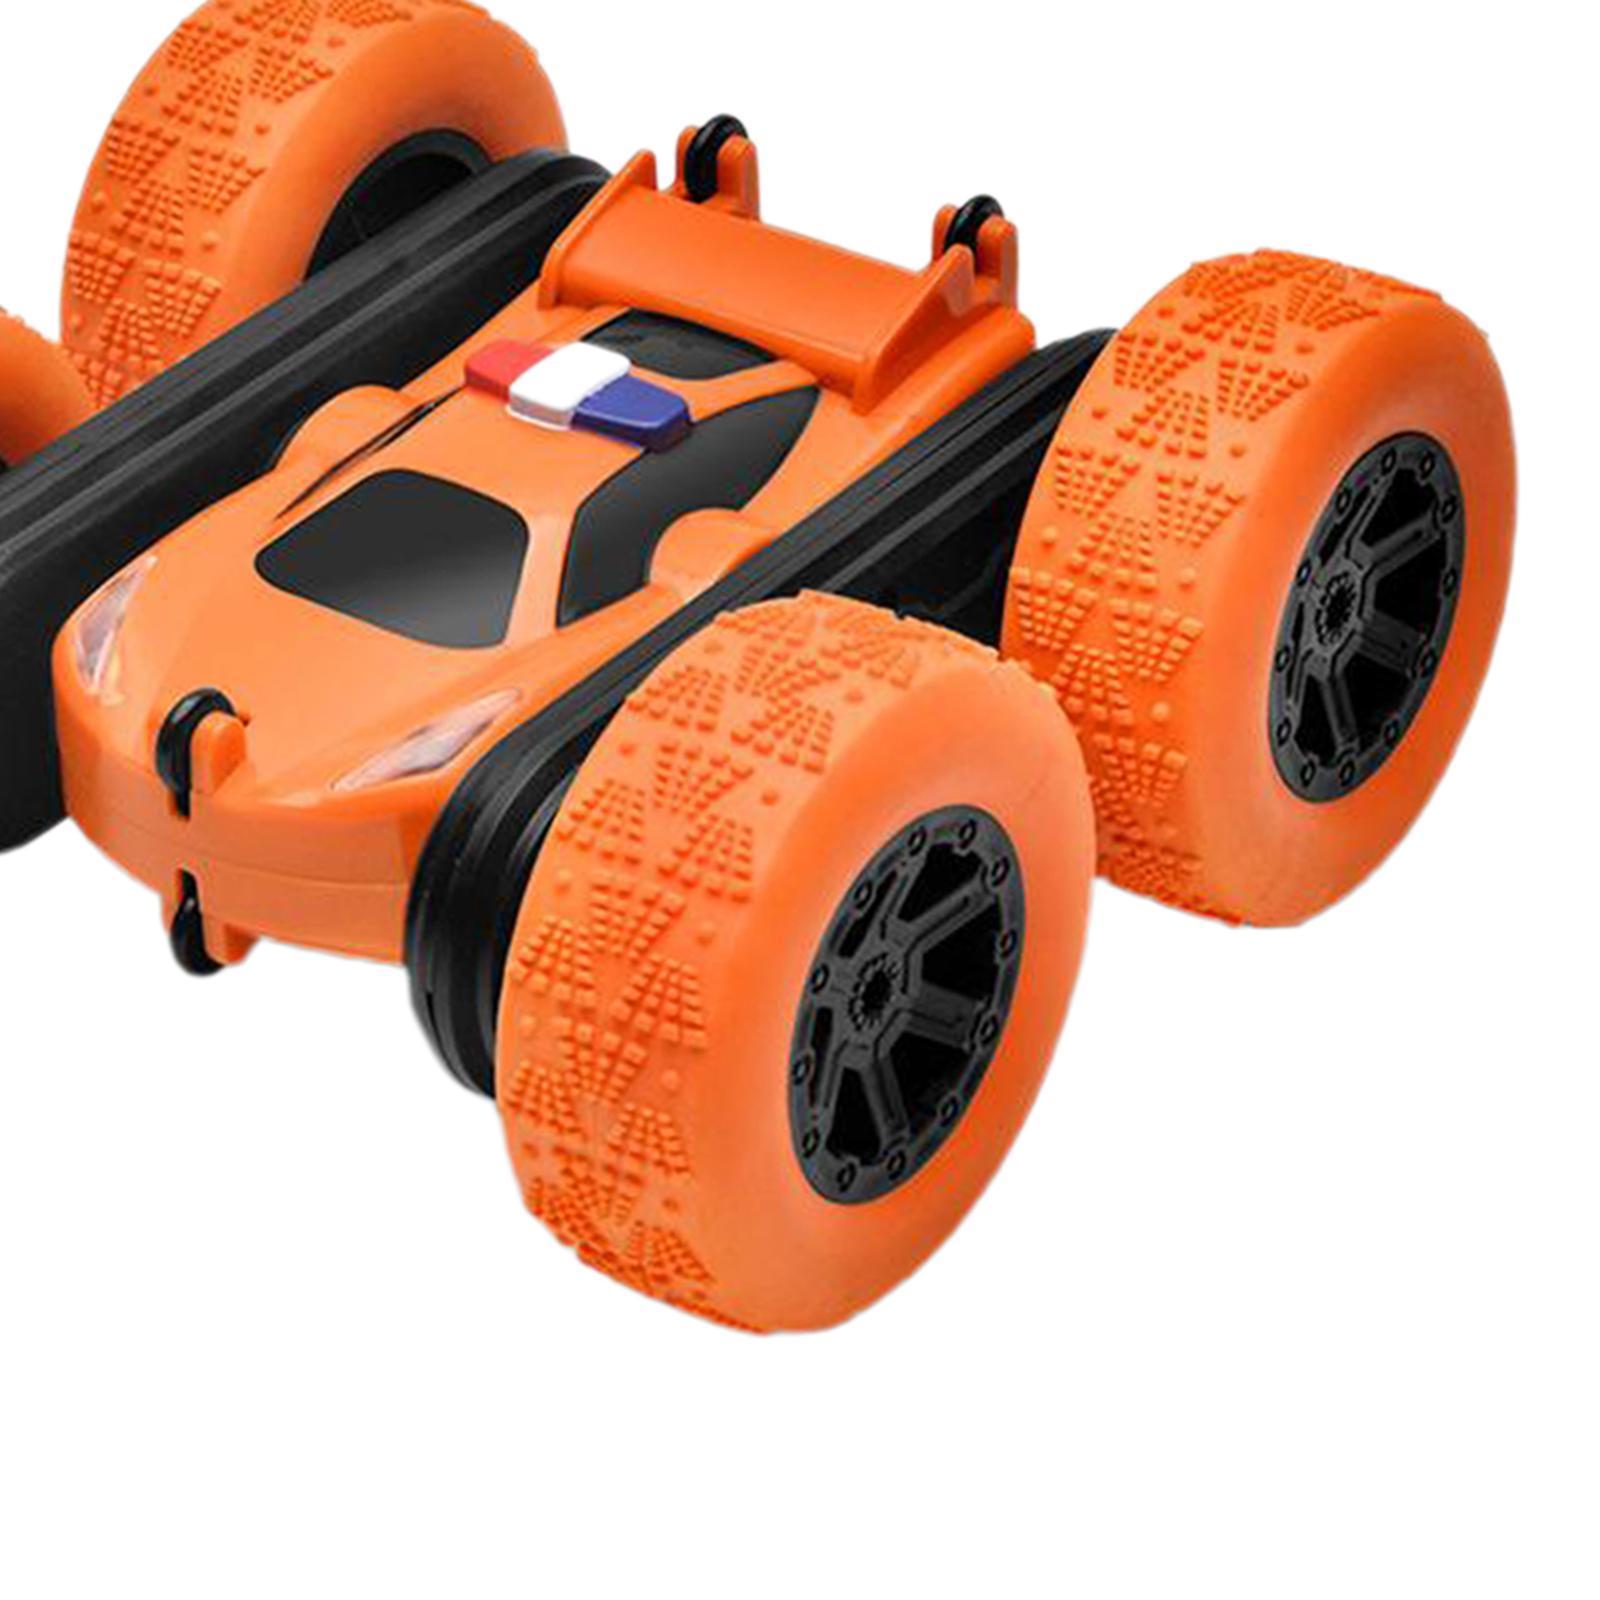 miniatura 44 - Telecomando Auto Stunt Car Giocattolo Per Bambini 2.4GHz di Controllo Remoto